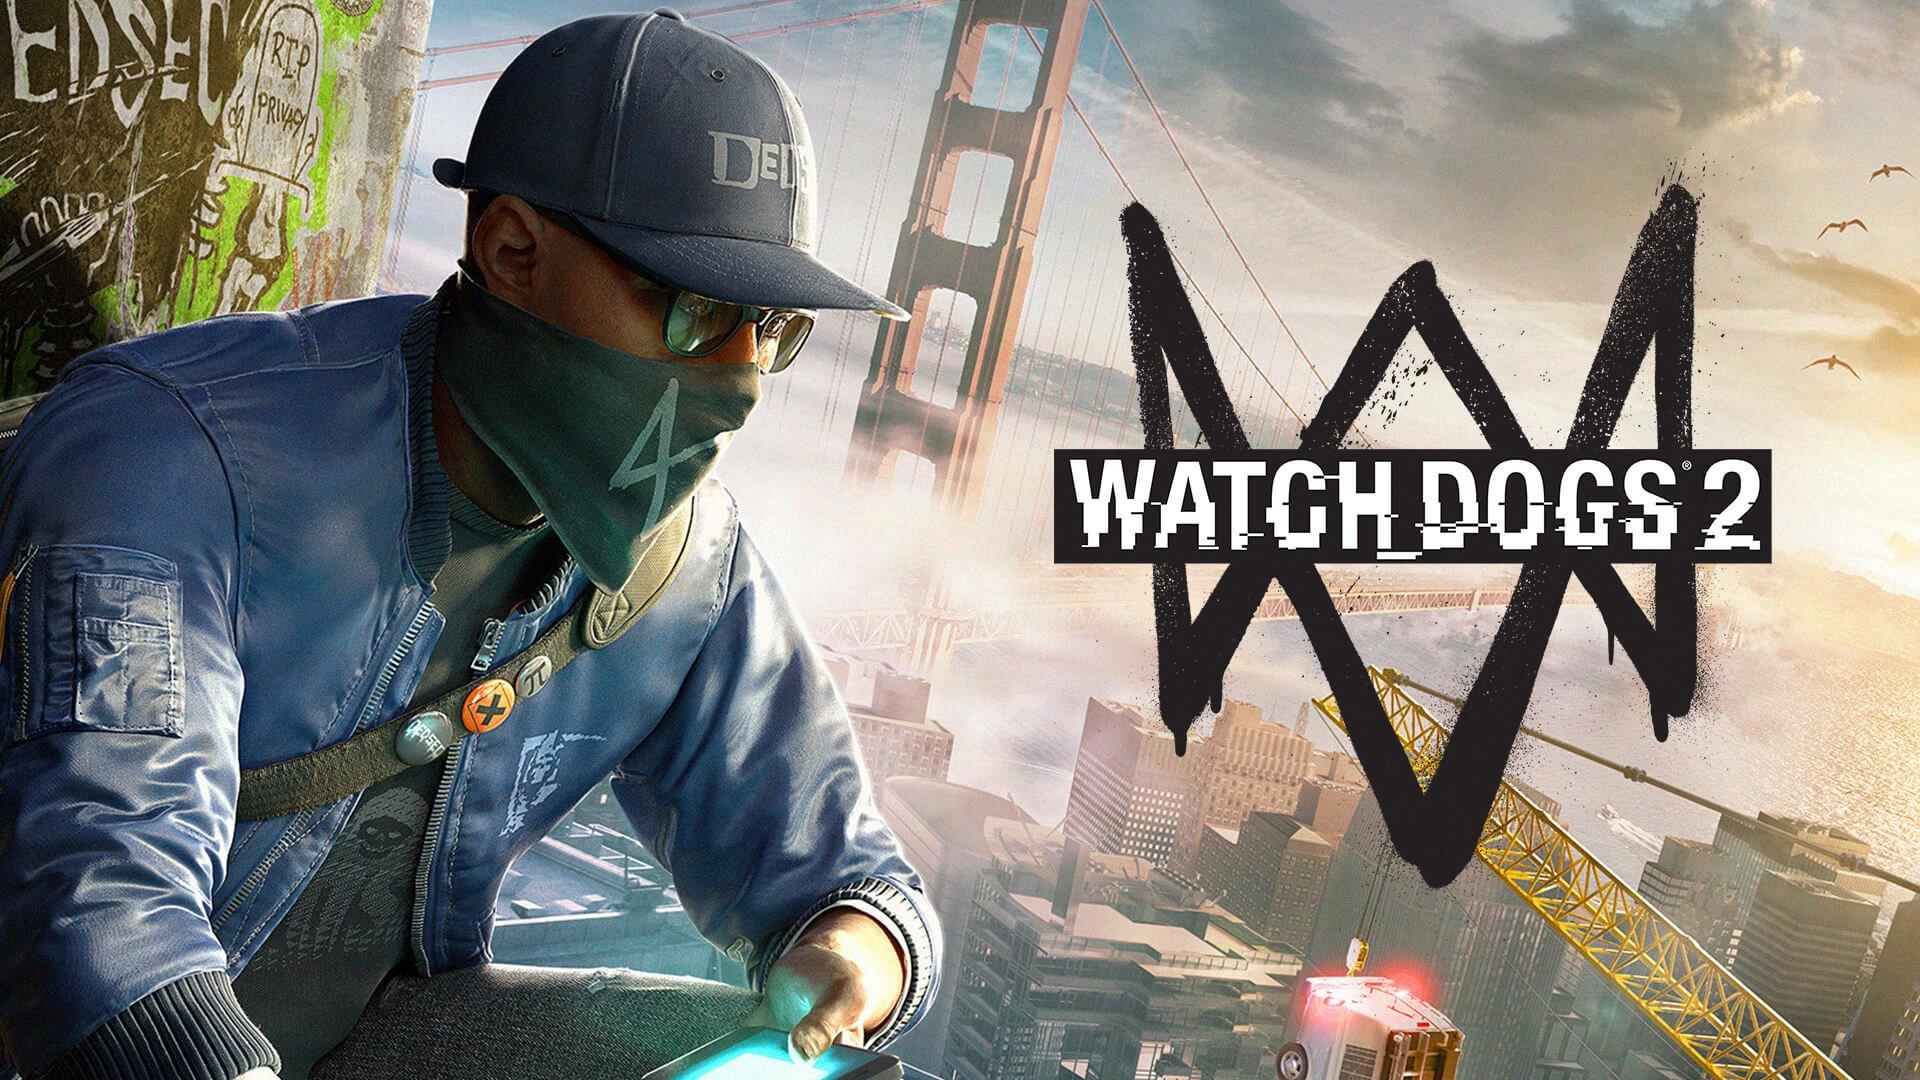 A Ubisoft prometeu oferecer Watch Dogs 2 no evento da Ubisoft Forward 2020, no entanto diversos problemas ocorreram durante a transmissão.